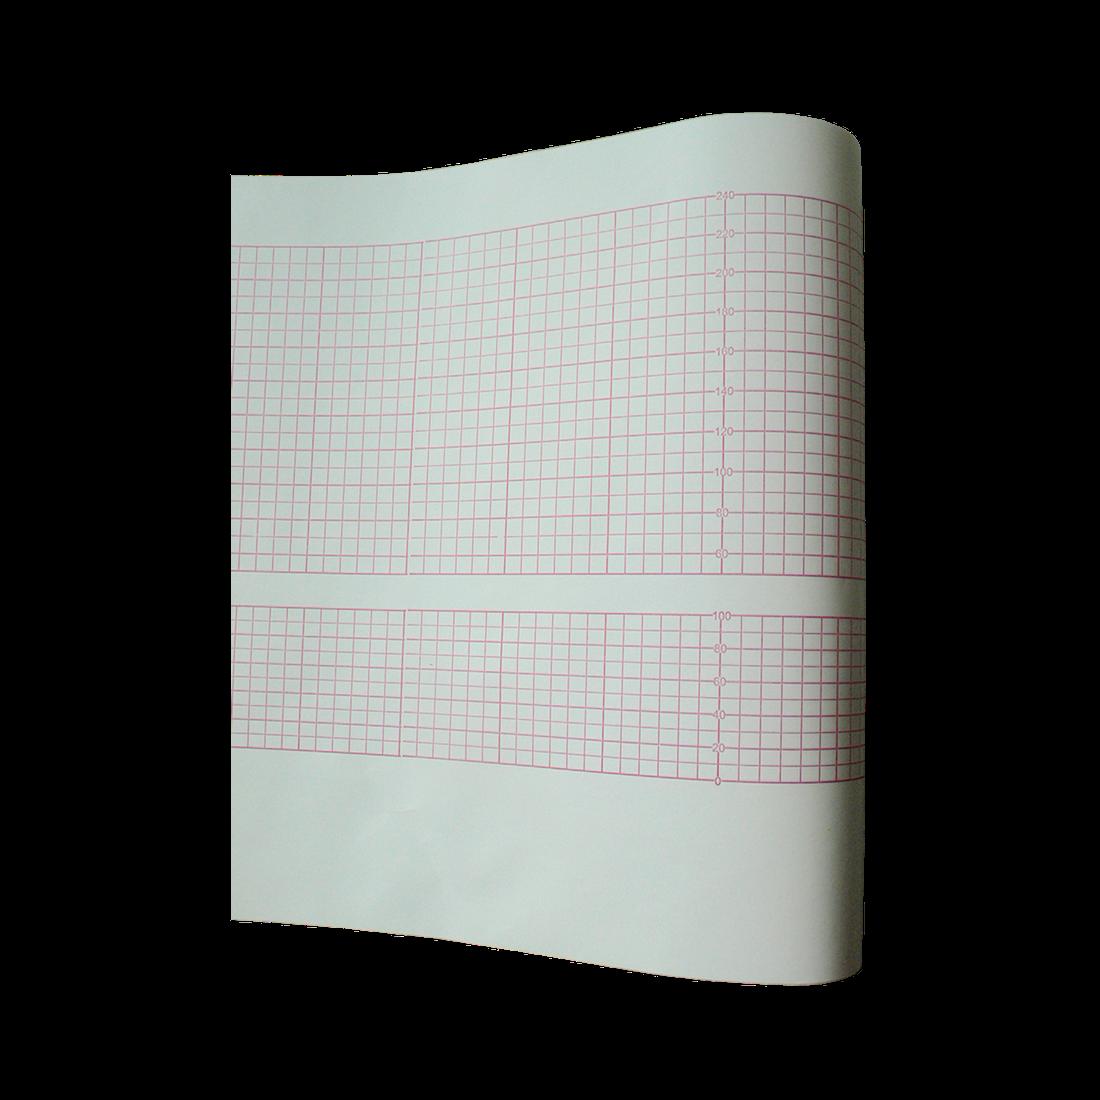 215х25х18, бумага КТГ для FM BIONET FC 0700, реестр 4087/18